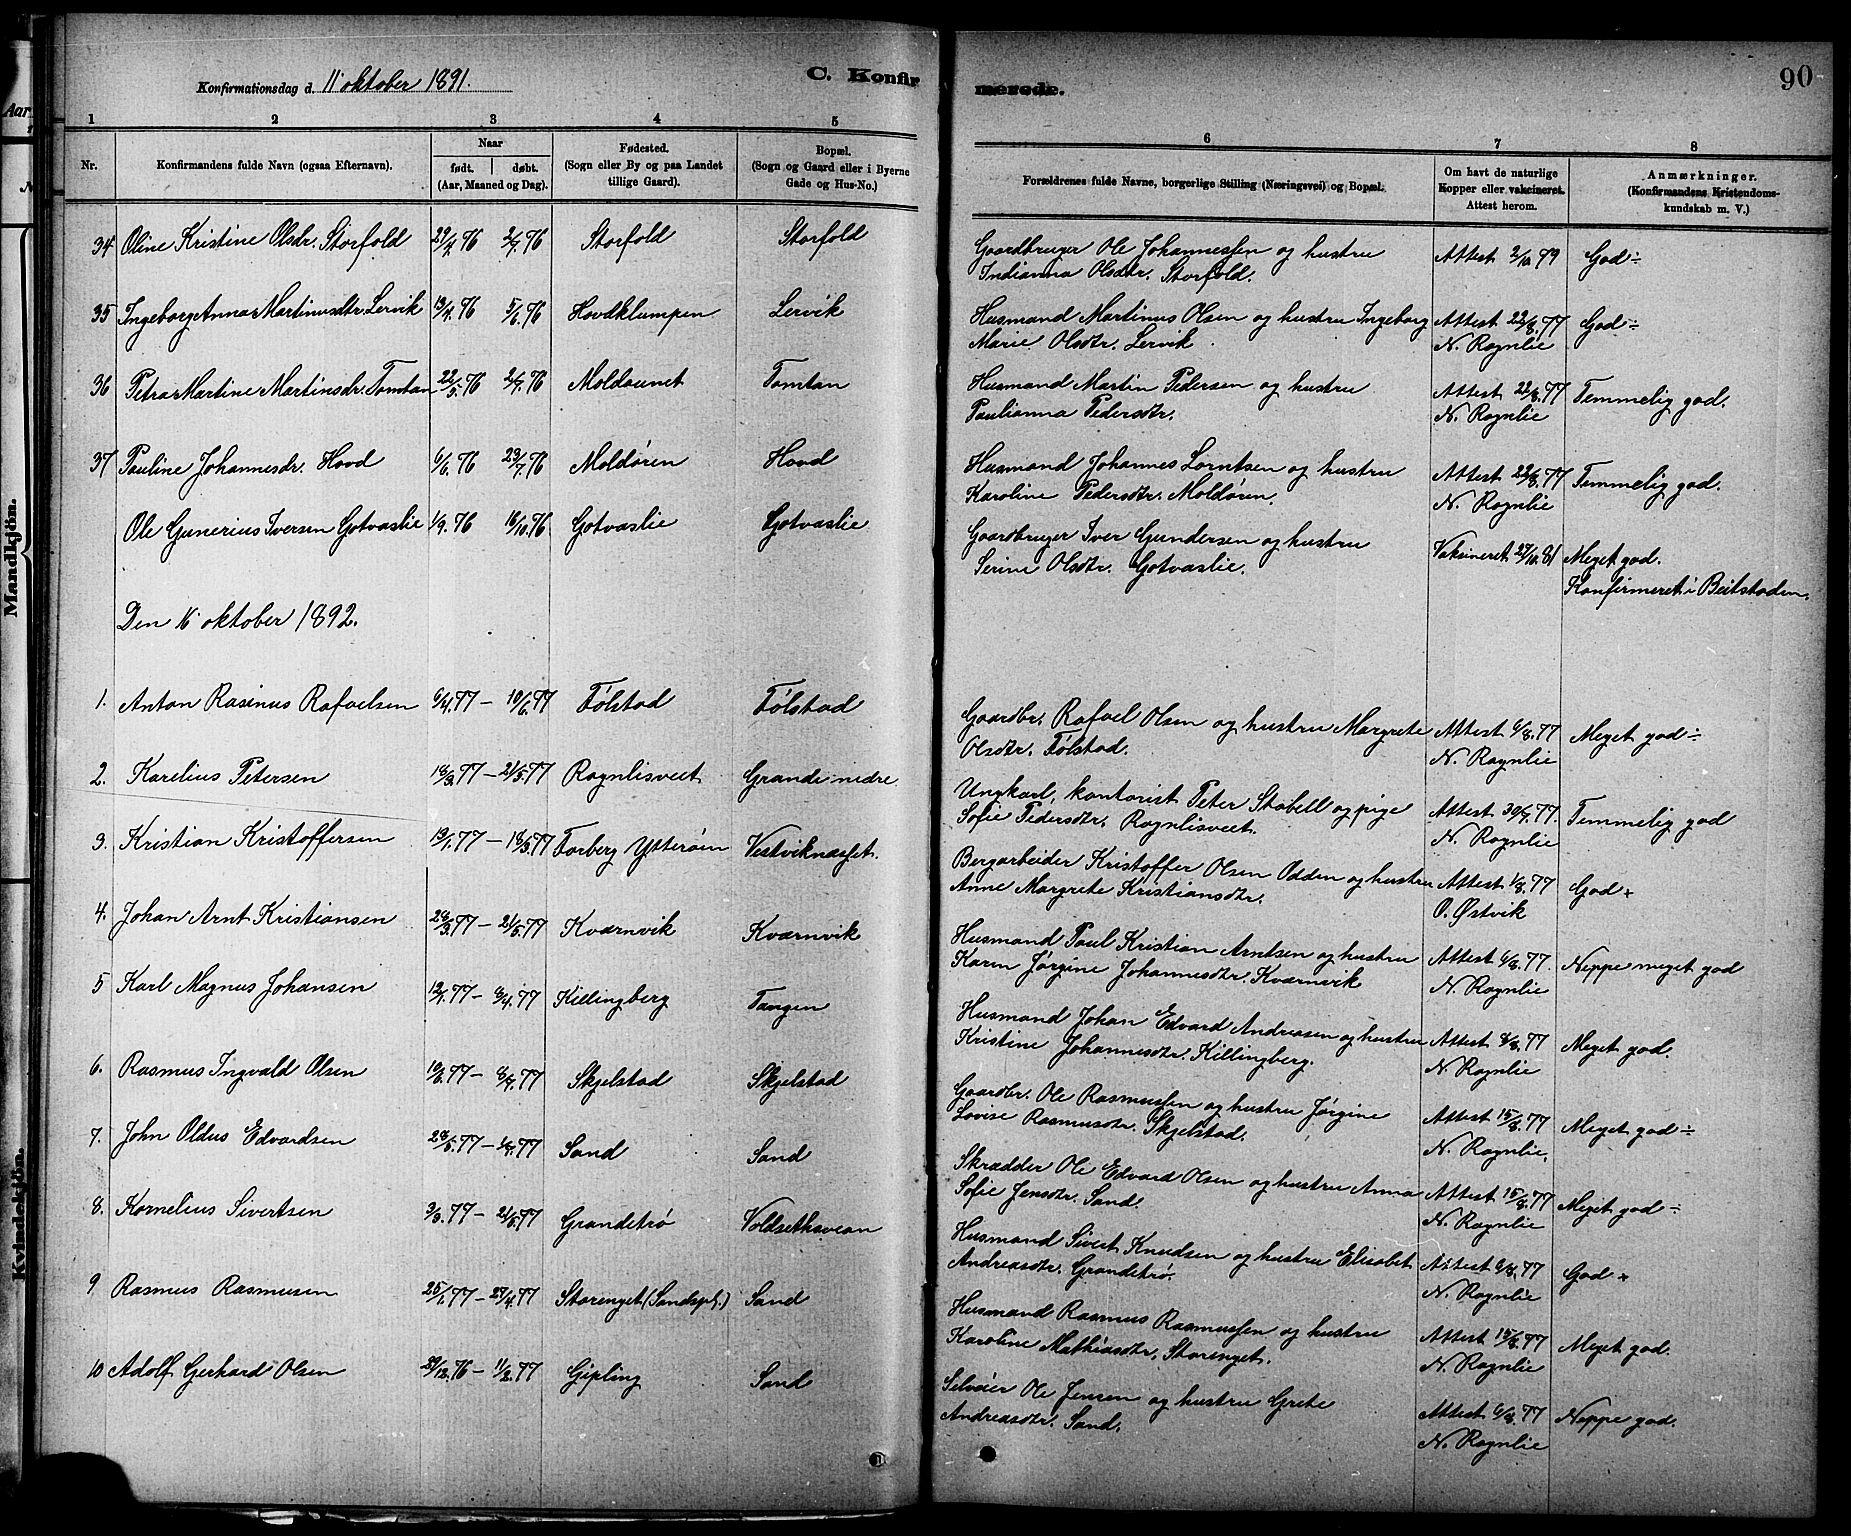 SAT, Ministerialprotokoller, klokkerbøker og fødselsregistre - Nord-Trøndelag, 744/L0423: Klokkerbok nr. 744C02, 1886-1905, s. 90